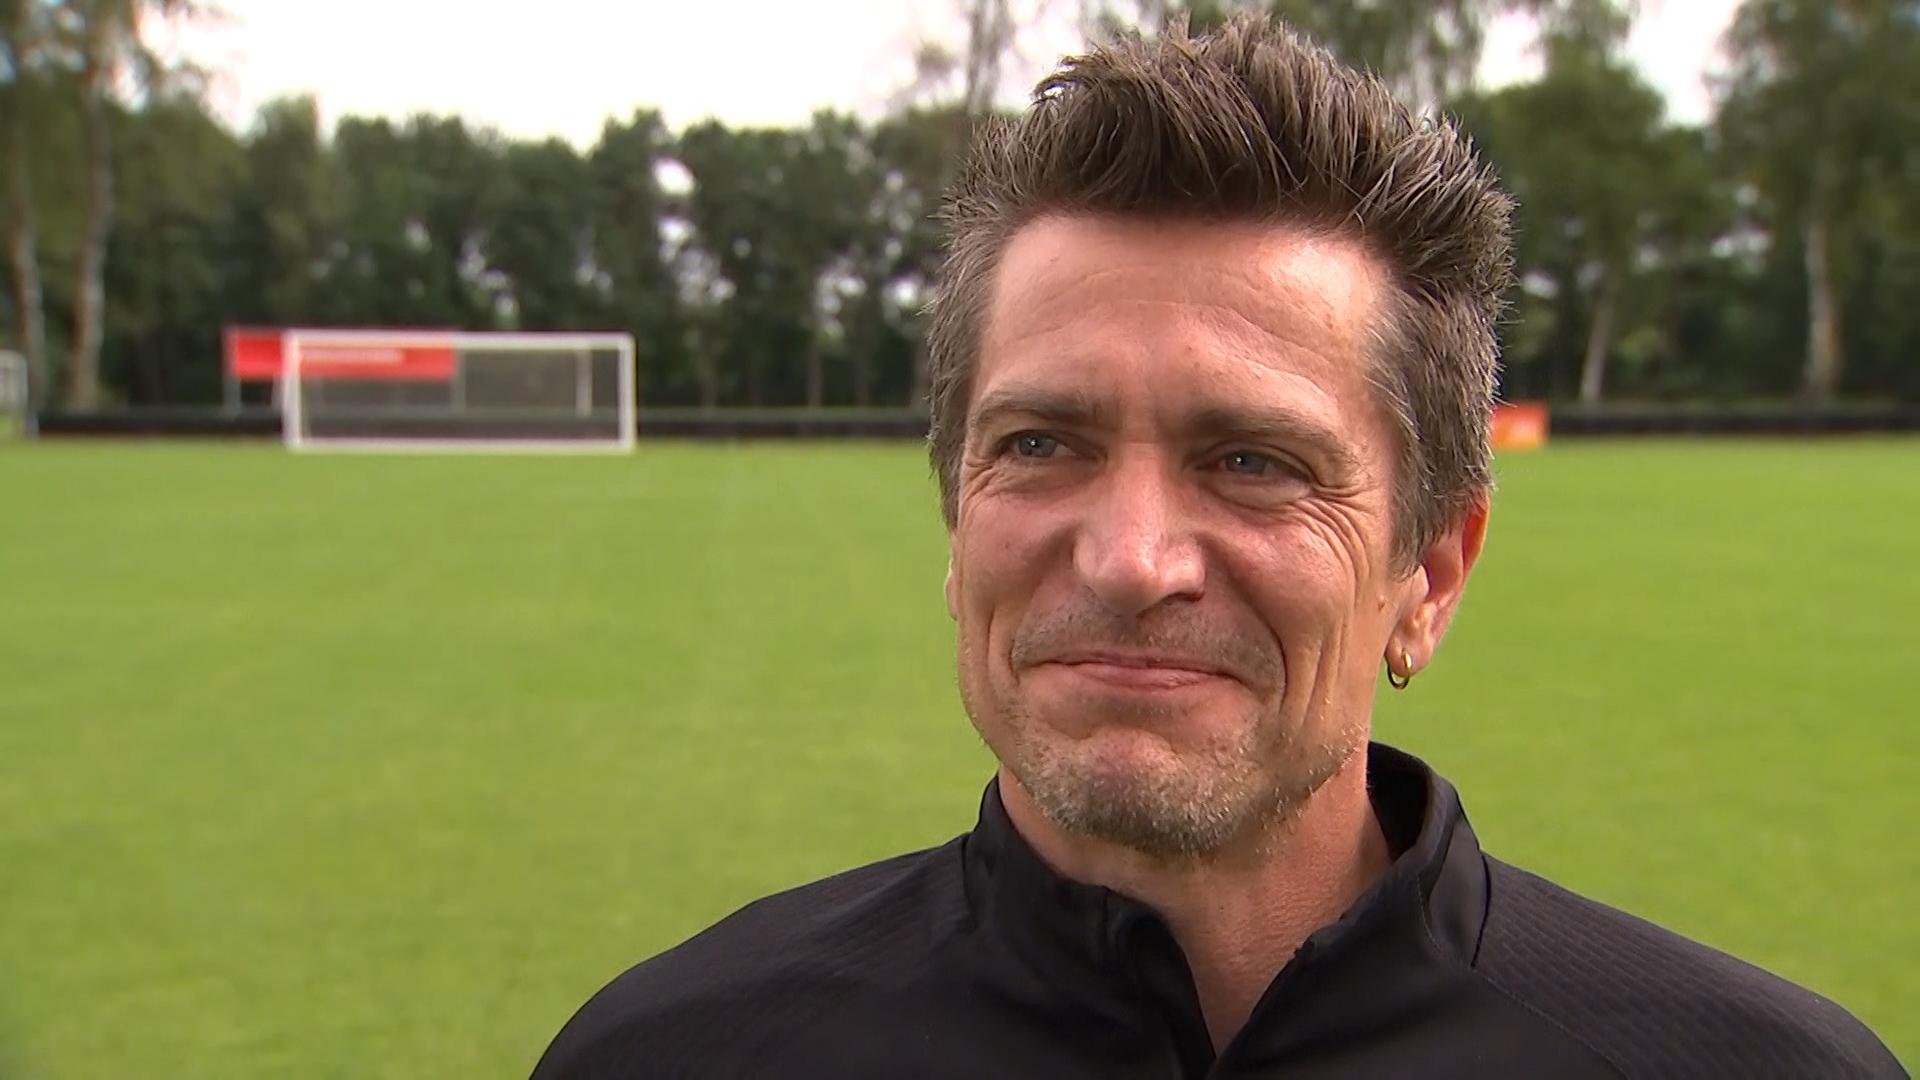 Nils Nielsen